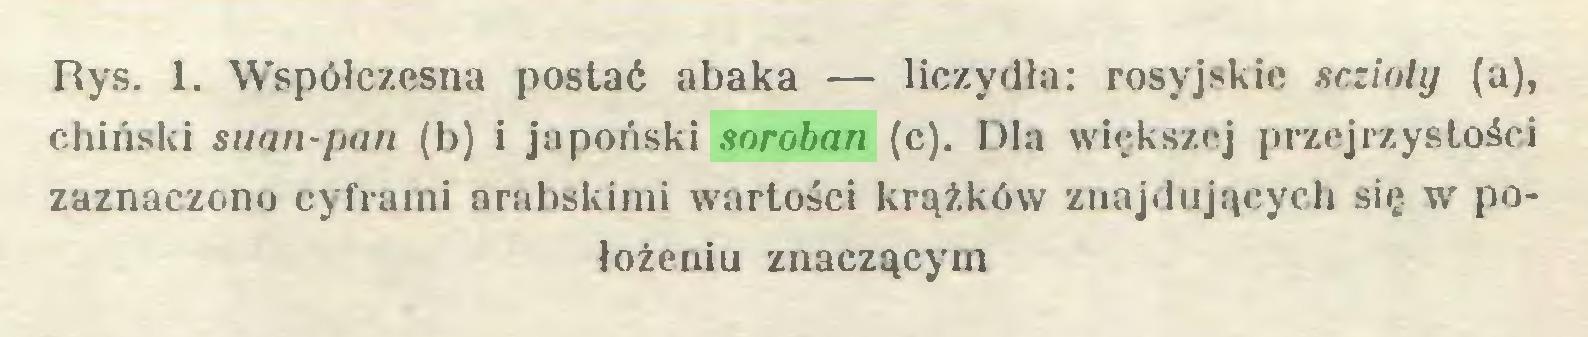 (...) Rys. 1. Współczesna postać abaka — liczydła: rosyjskie sczinly (a), chiński suan-pan (b) i japoński soroban (c). Dla większej przejrzystości zaznaczono cyframi arabskimi wartości krążków znajdujących się w położeniu znaczącym...